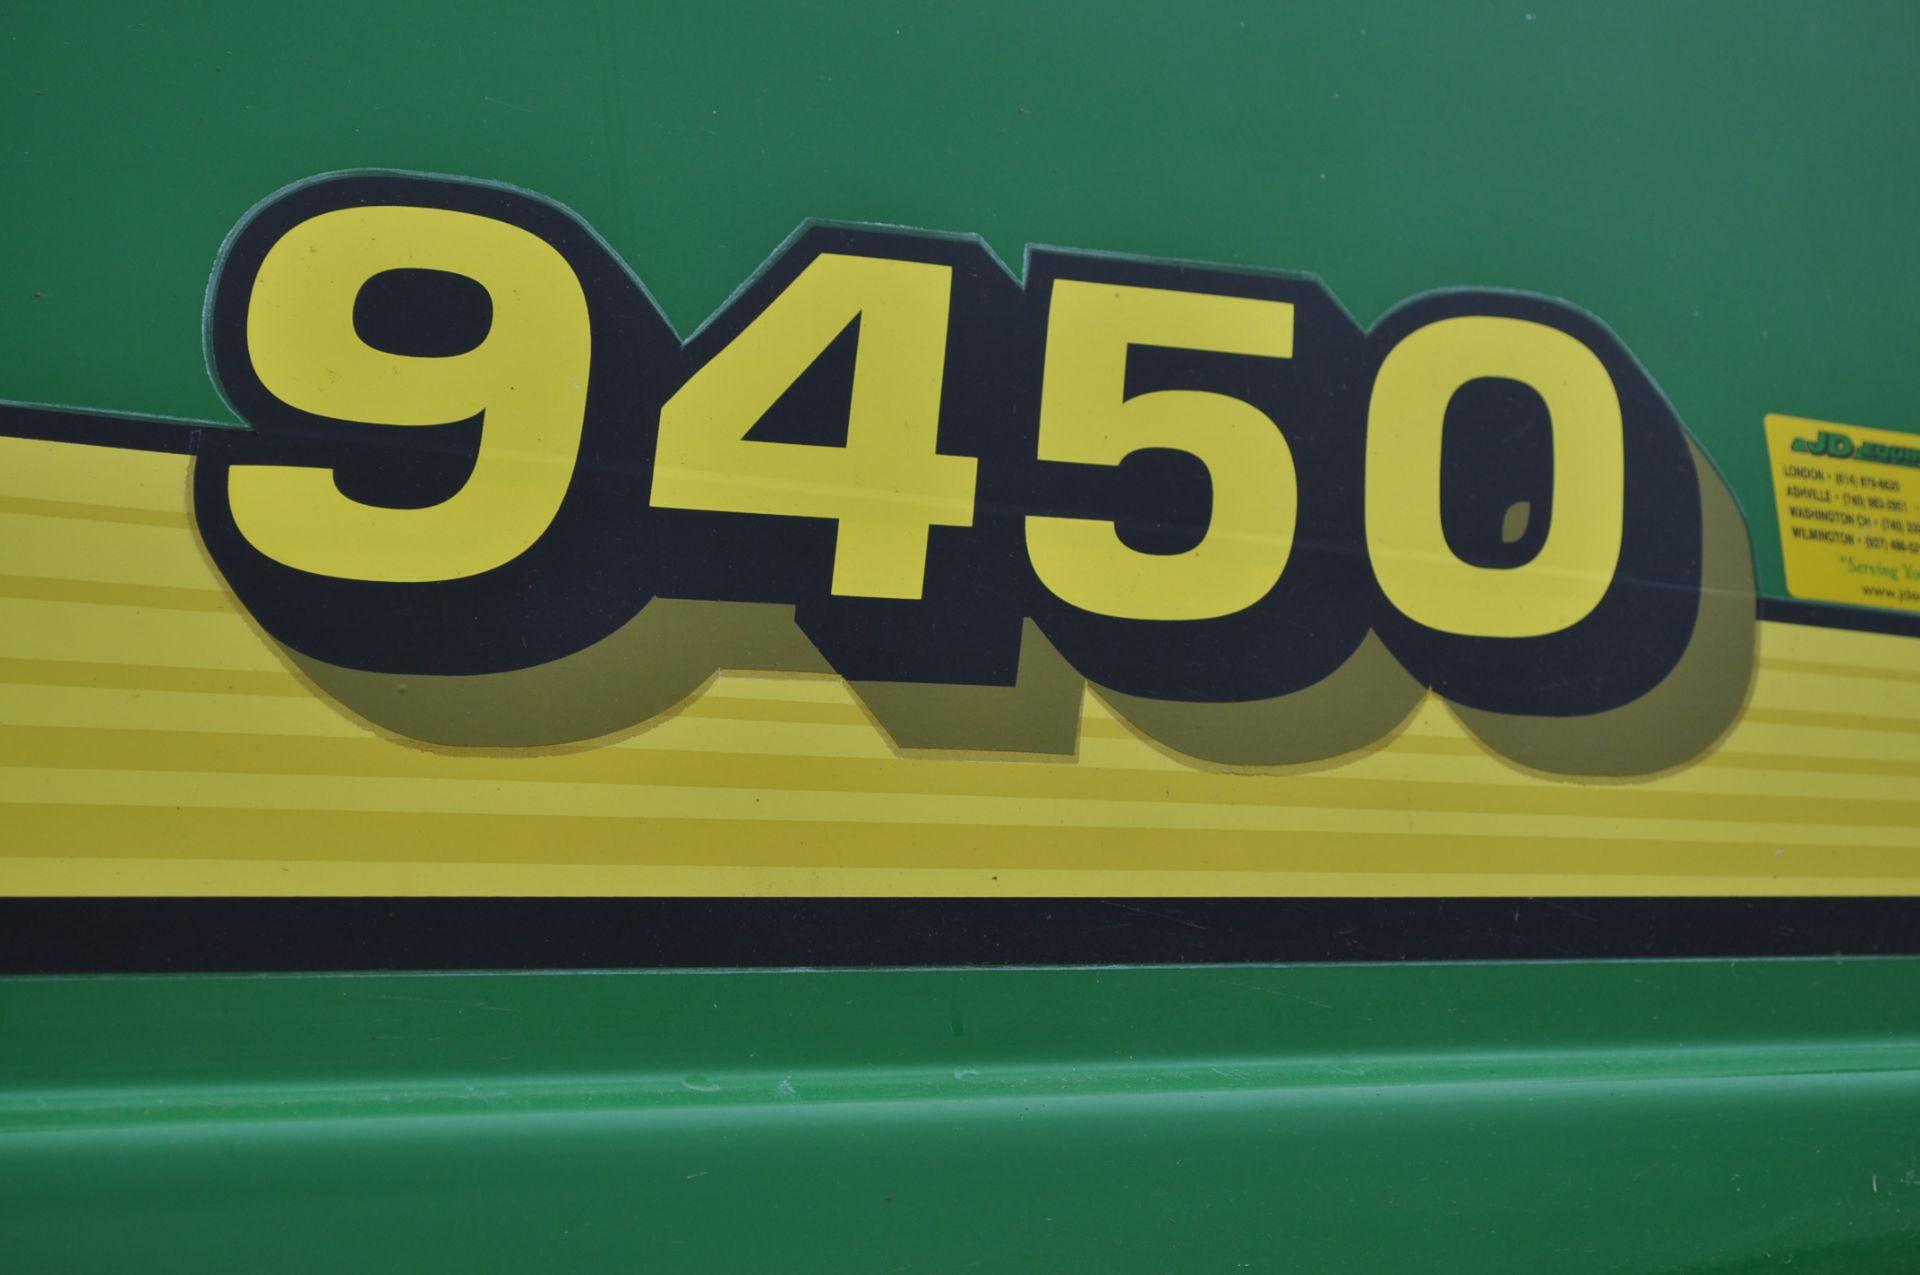 John Deere 9450 combine, 30.5-L32 drive, NEW 14.9-24 rear, chopper, chaff spreader, Mauer bin - Image 9 of 24